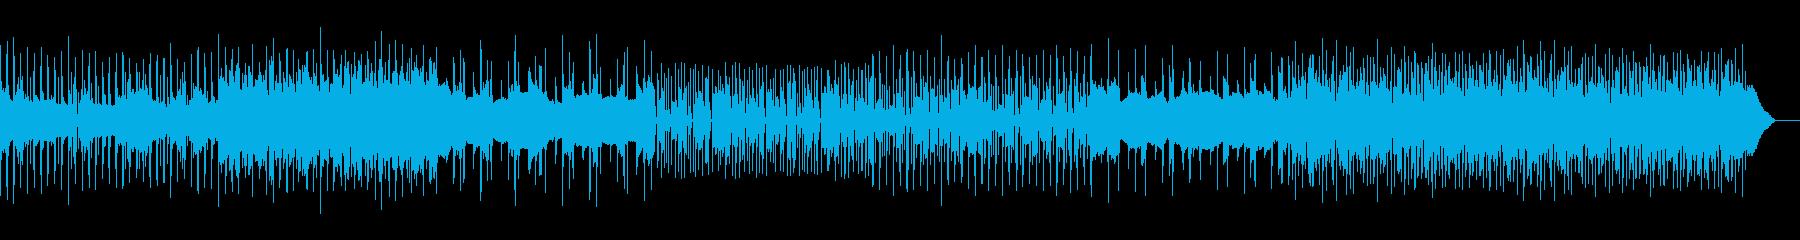 スラップベースとドラムでノリのいいBGMの再生済みの波形